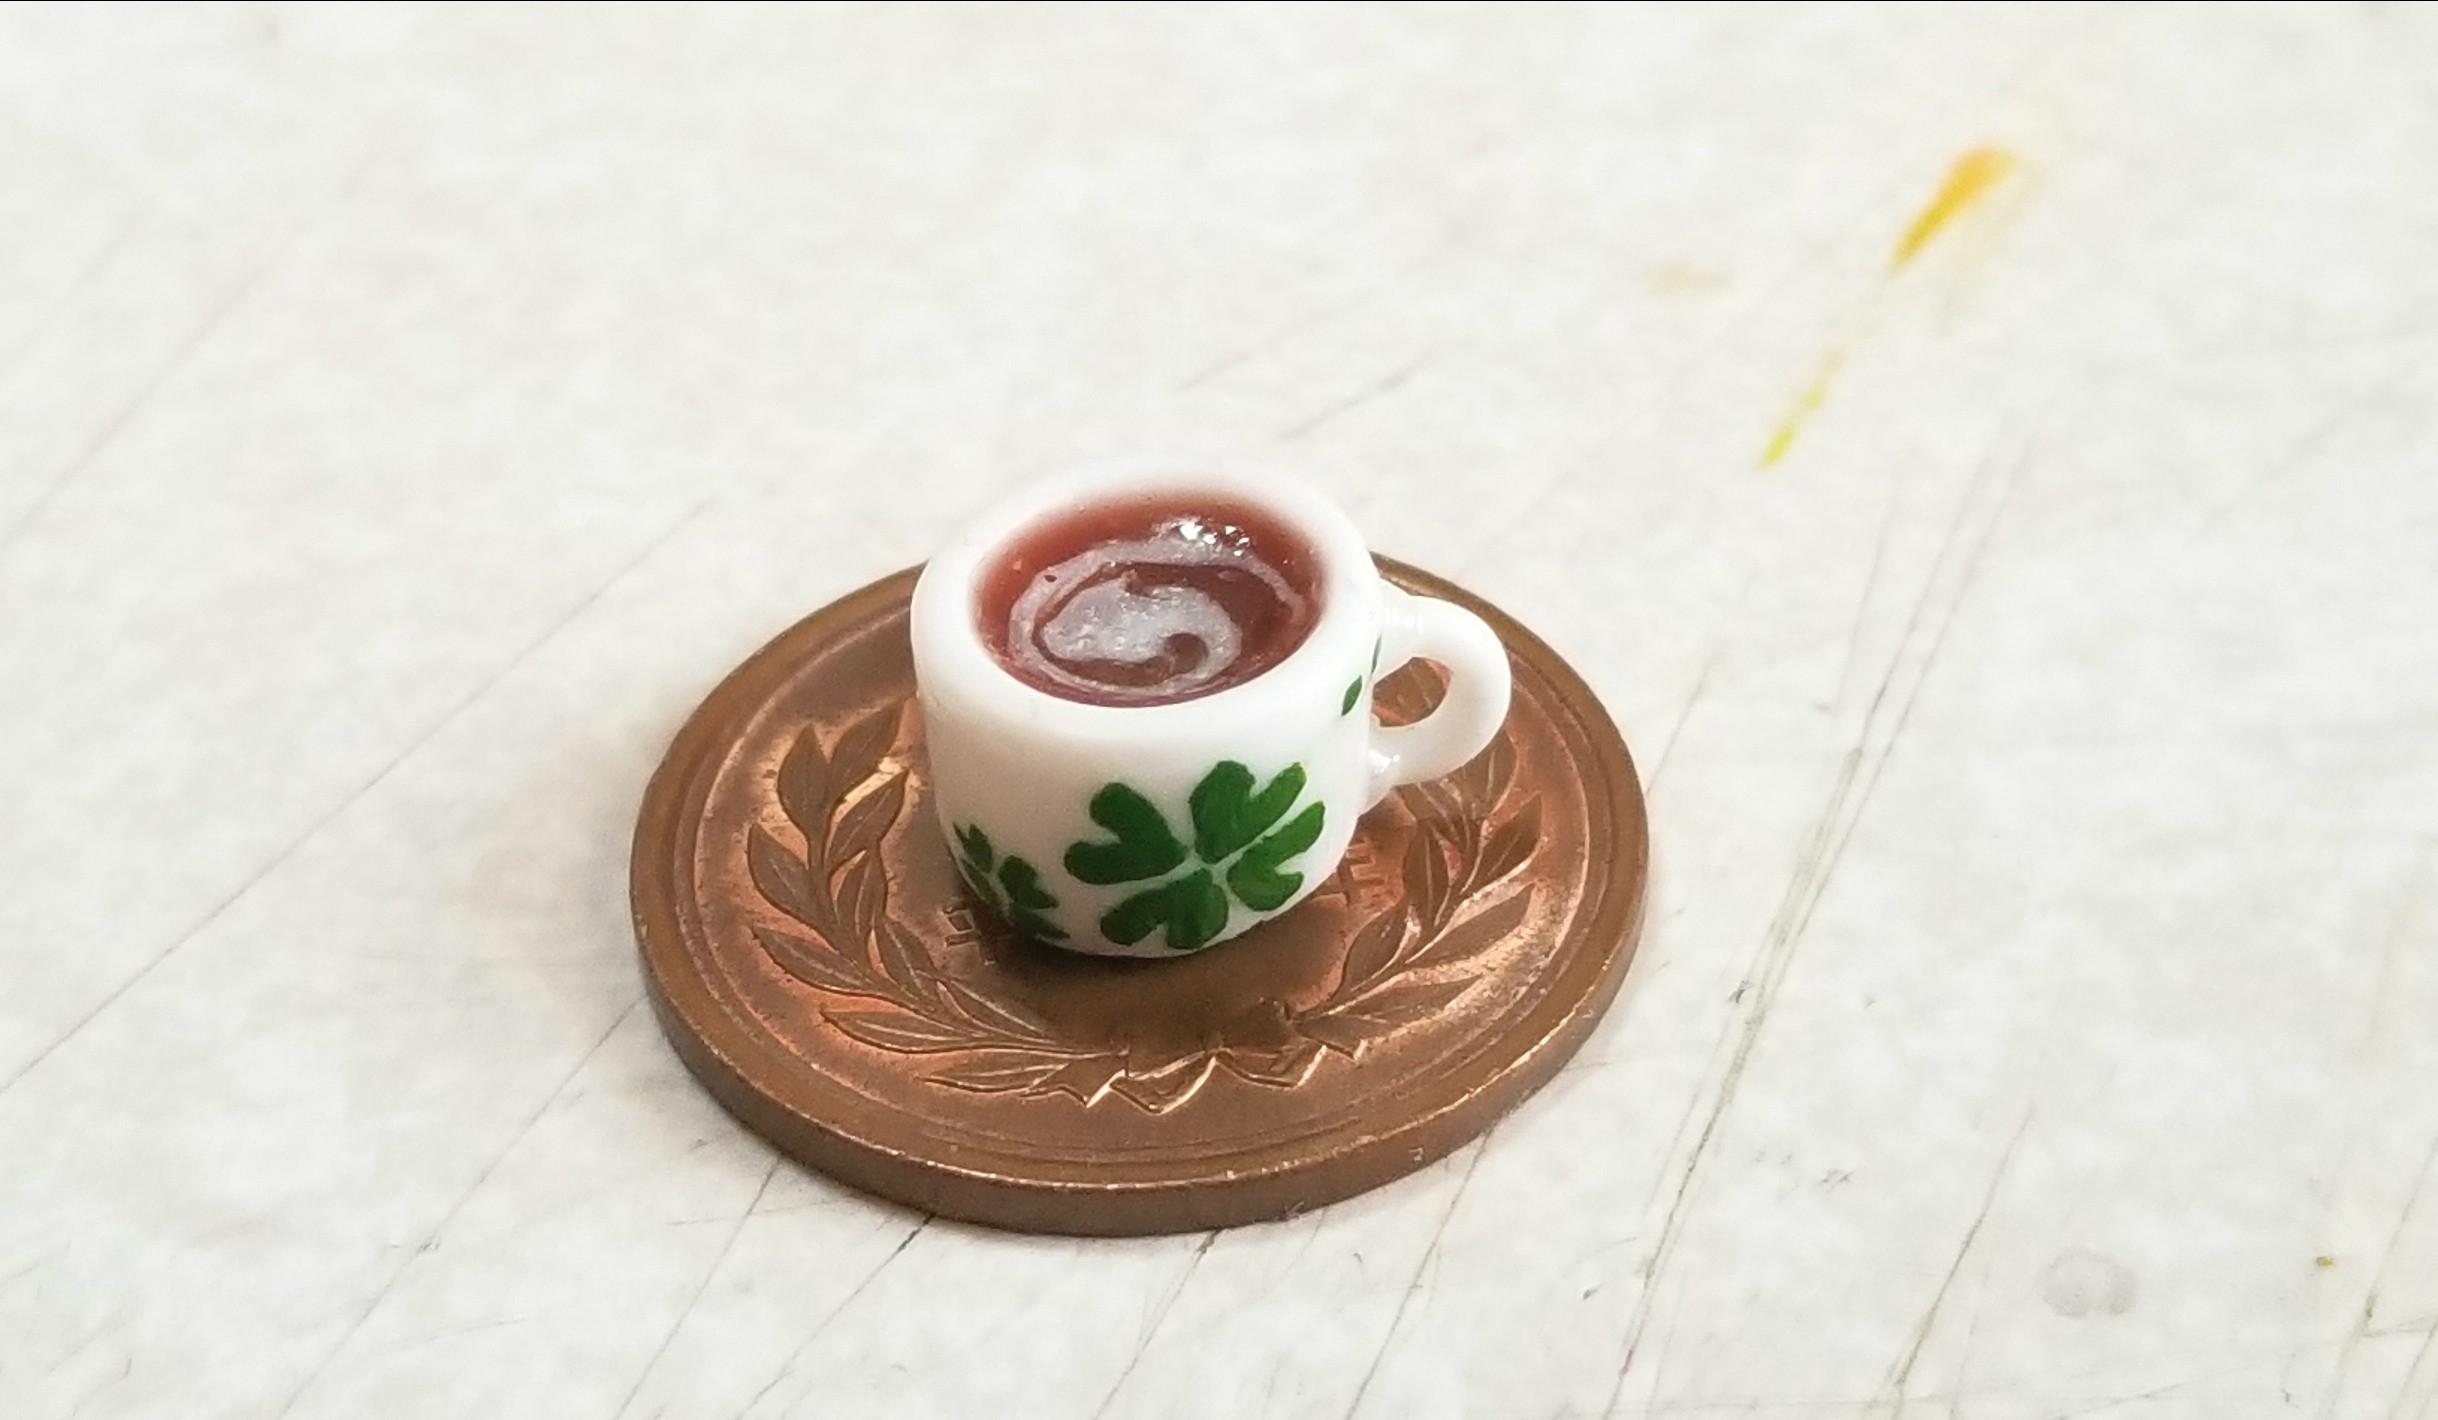 ティーカップ,ココア,作り方,樹脂粘土,コップ,あまむす,シルバニア